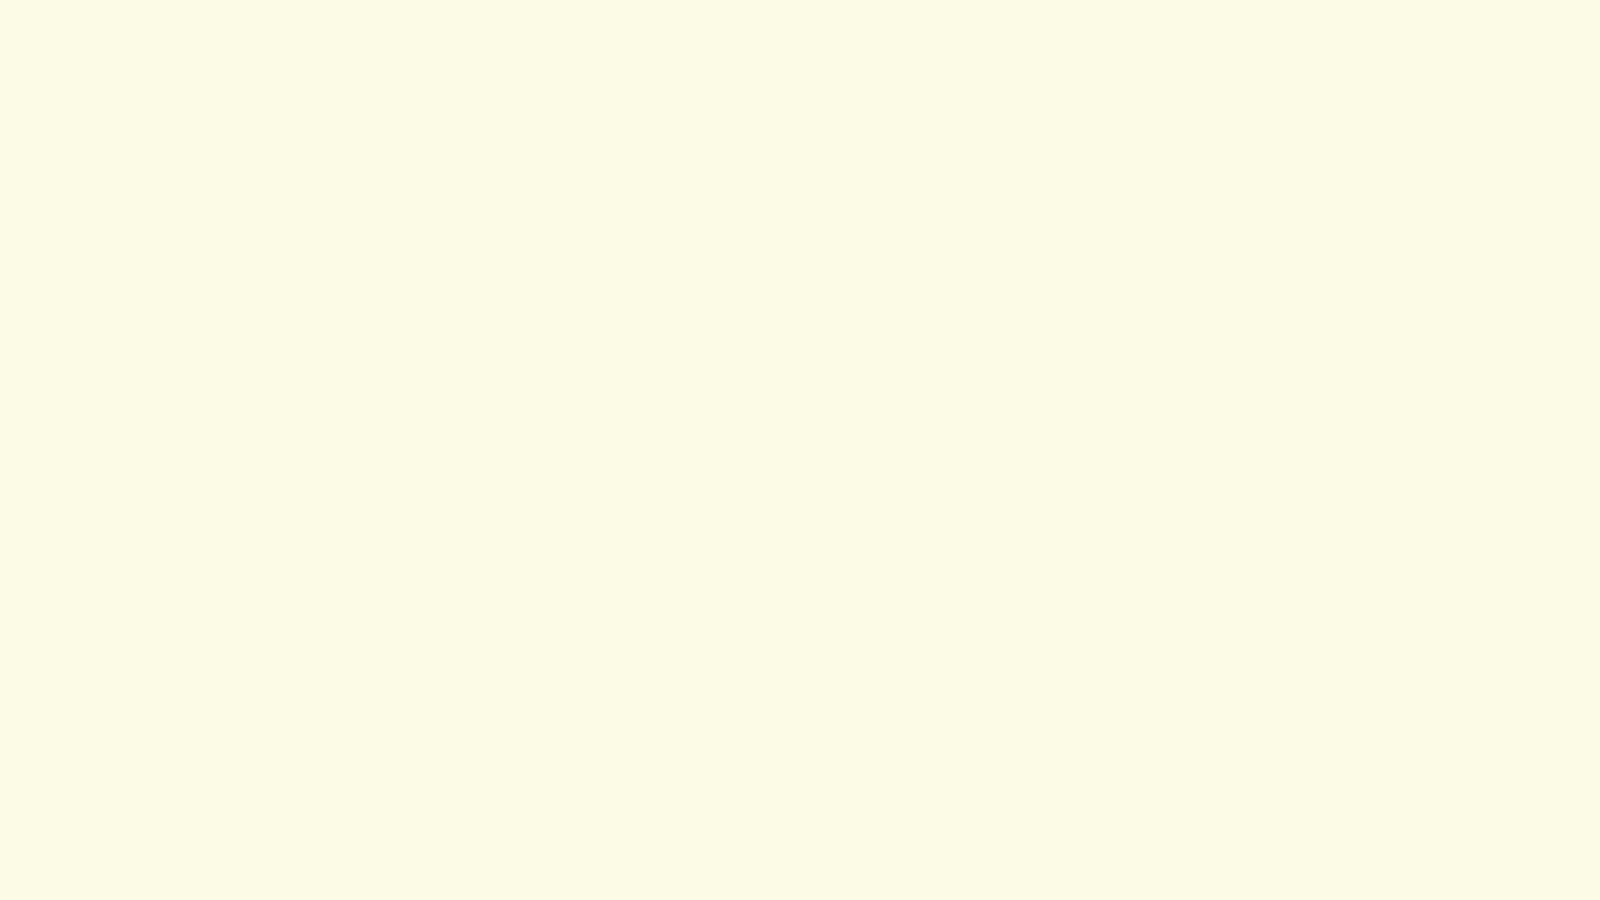 Лента ABS 002 Глянцевая 27х1мм, Bianco (белый тёплый)